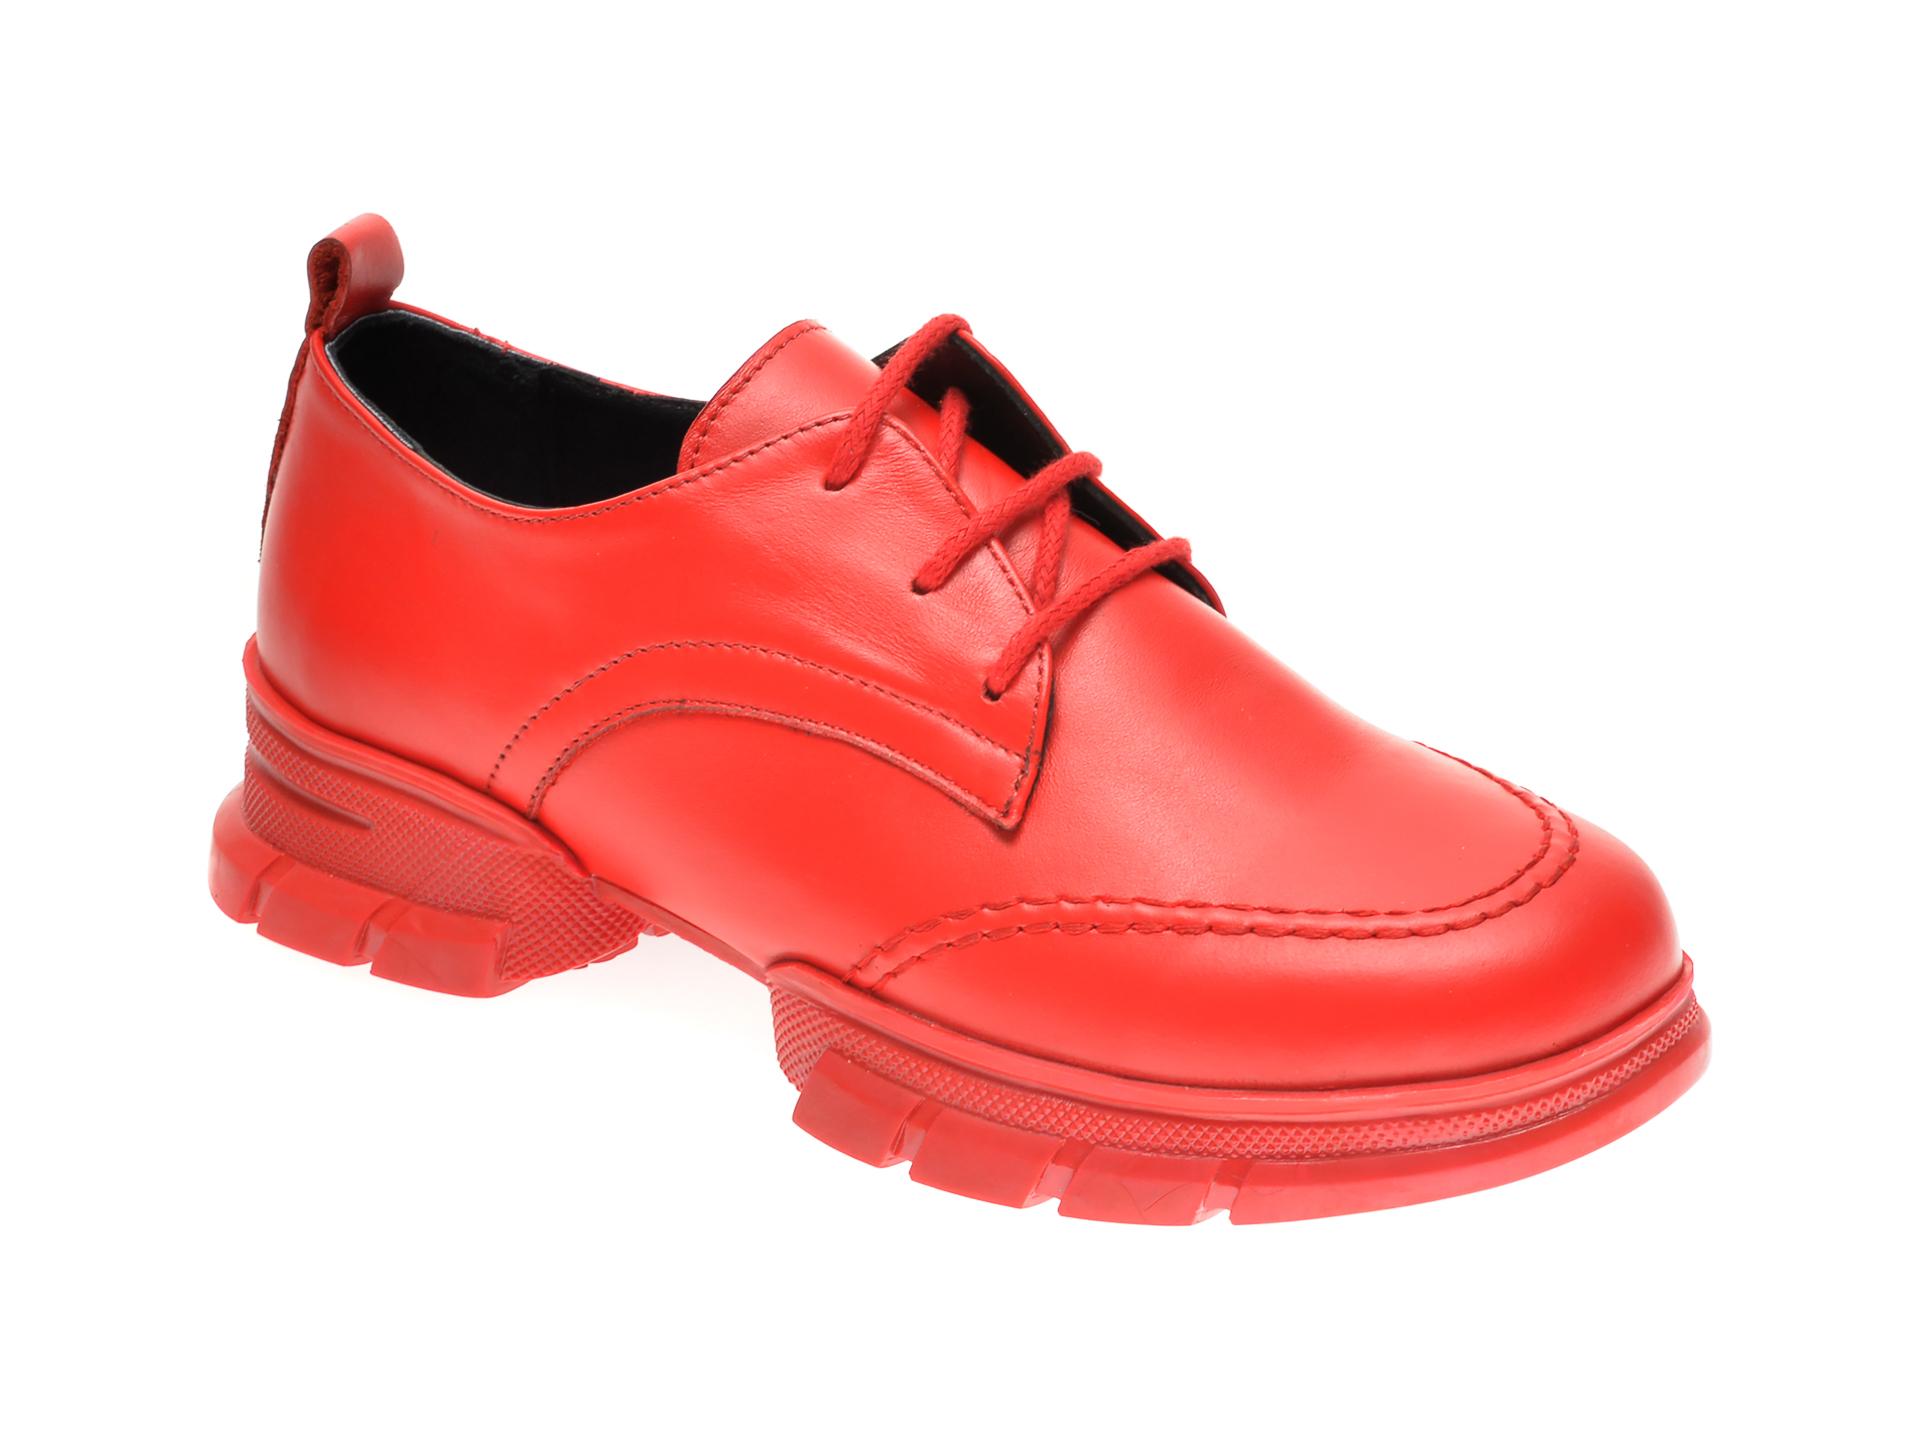 Pantofi Flavia Passini Rosii, 297063, Din Piele Naturala